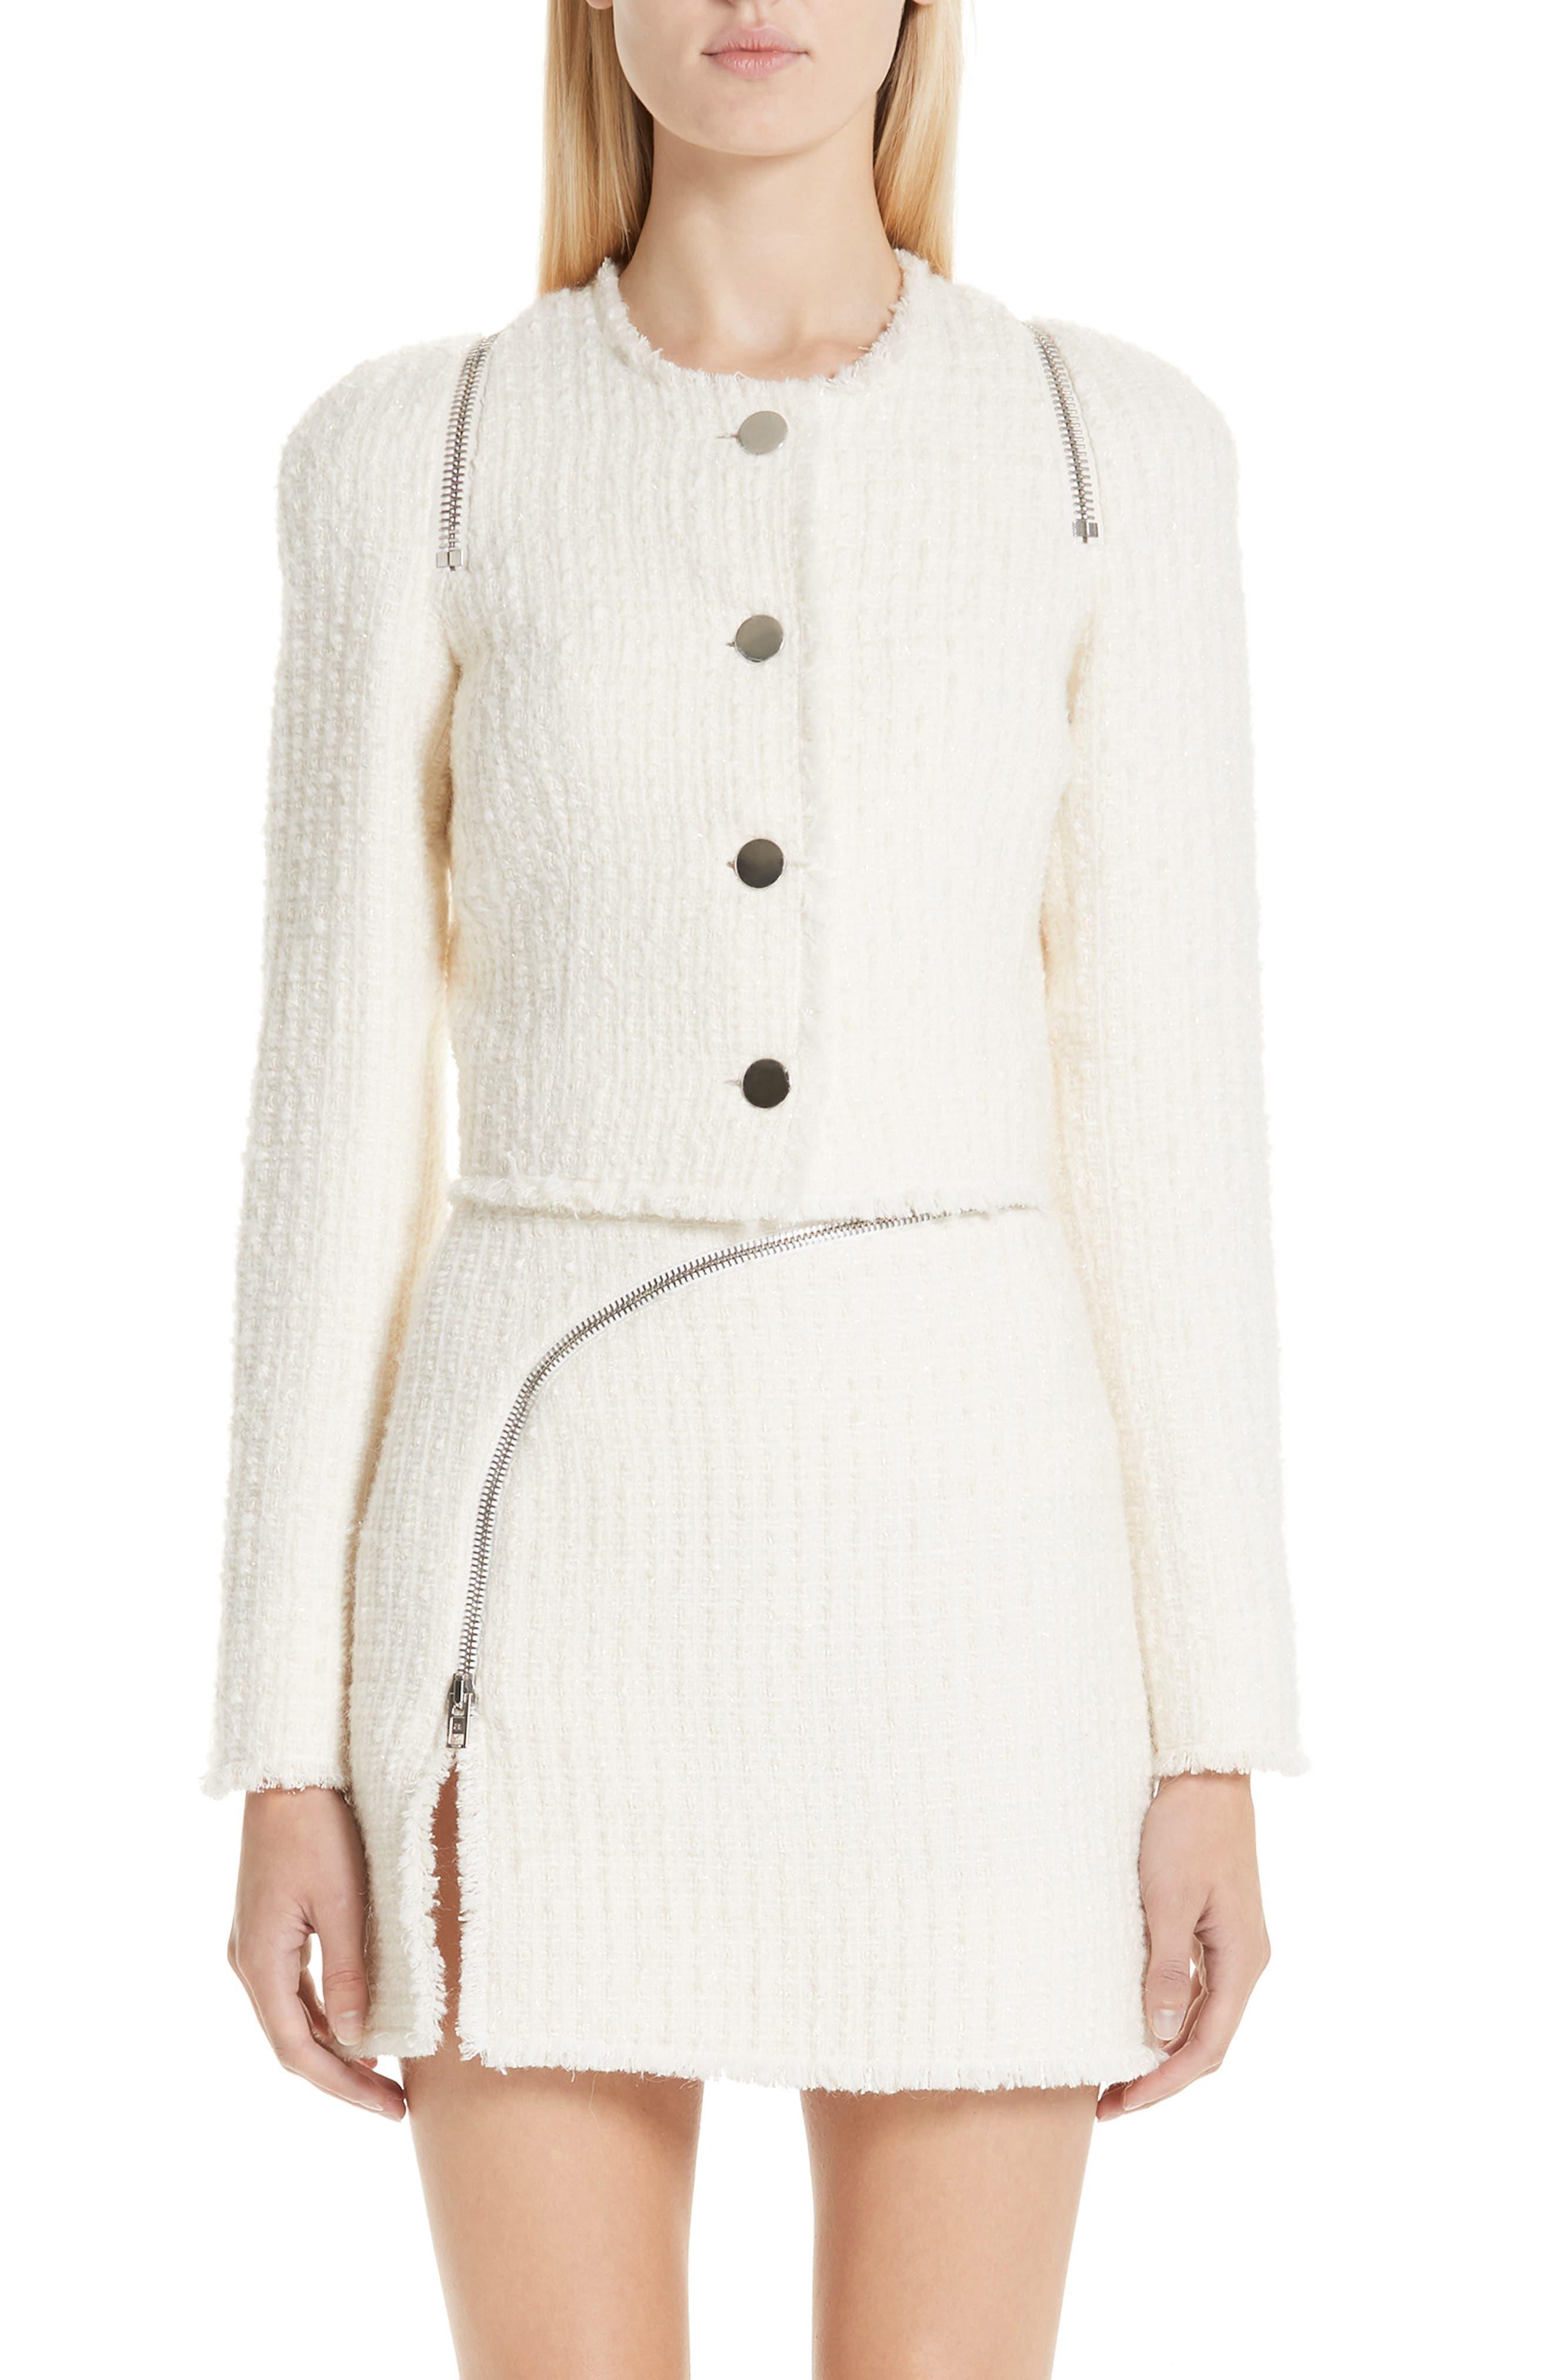 ALEXANDER WANG Zip Detail Tweed Jacket, Main, color, IVORY